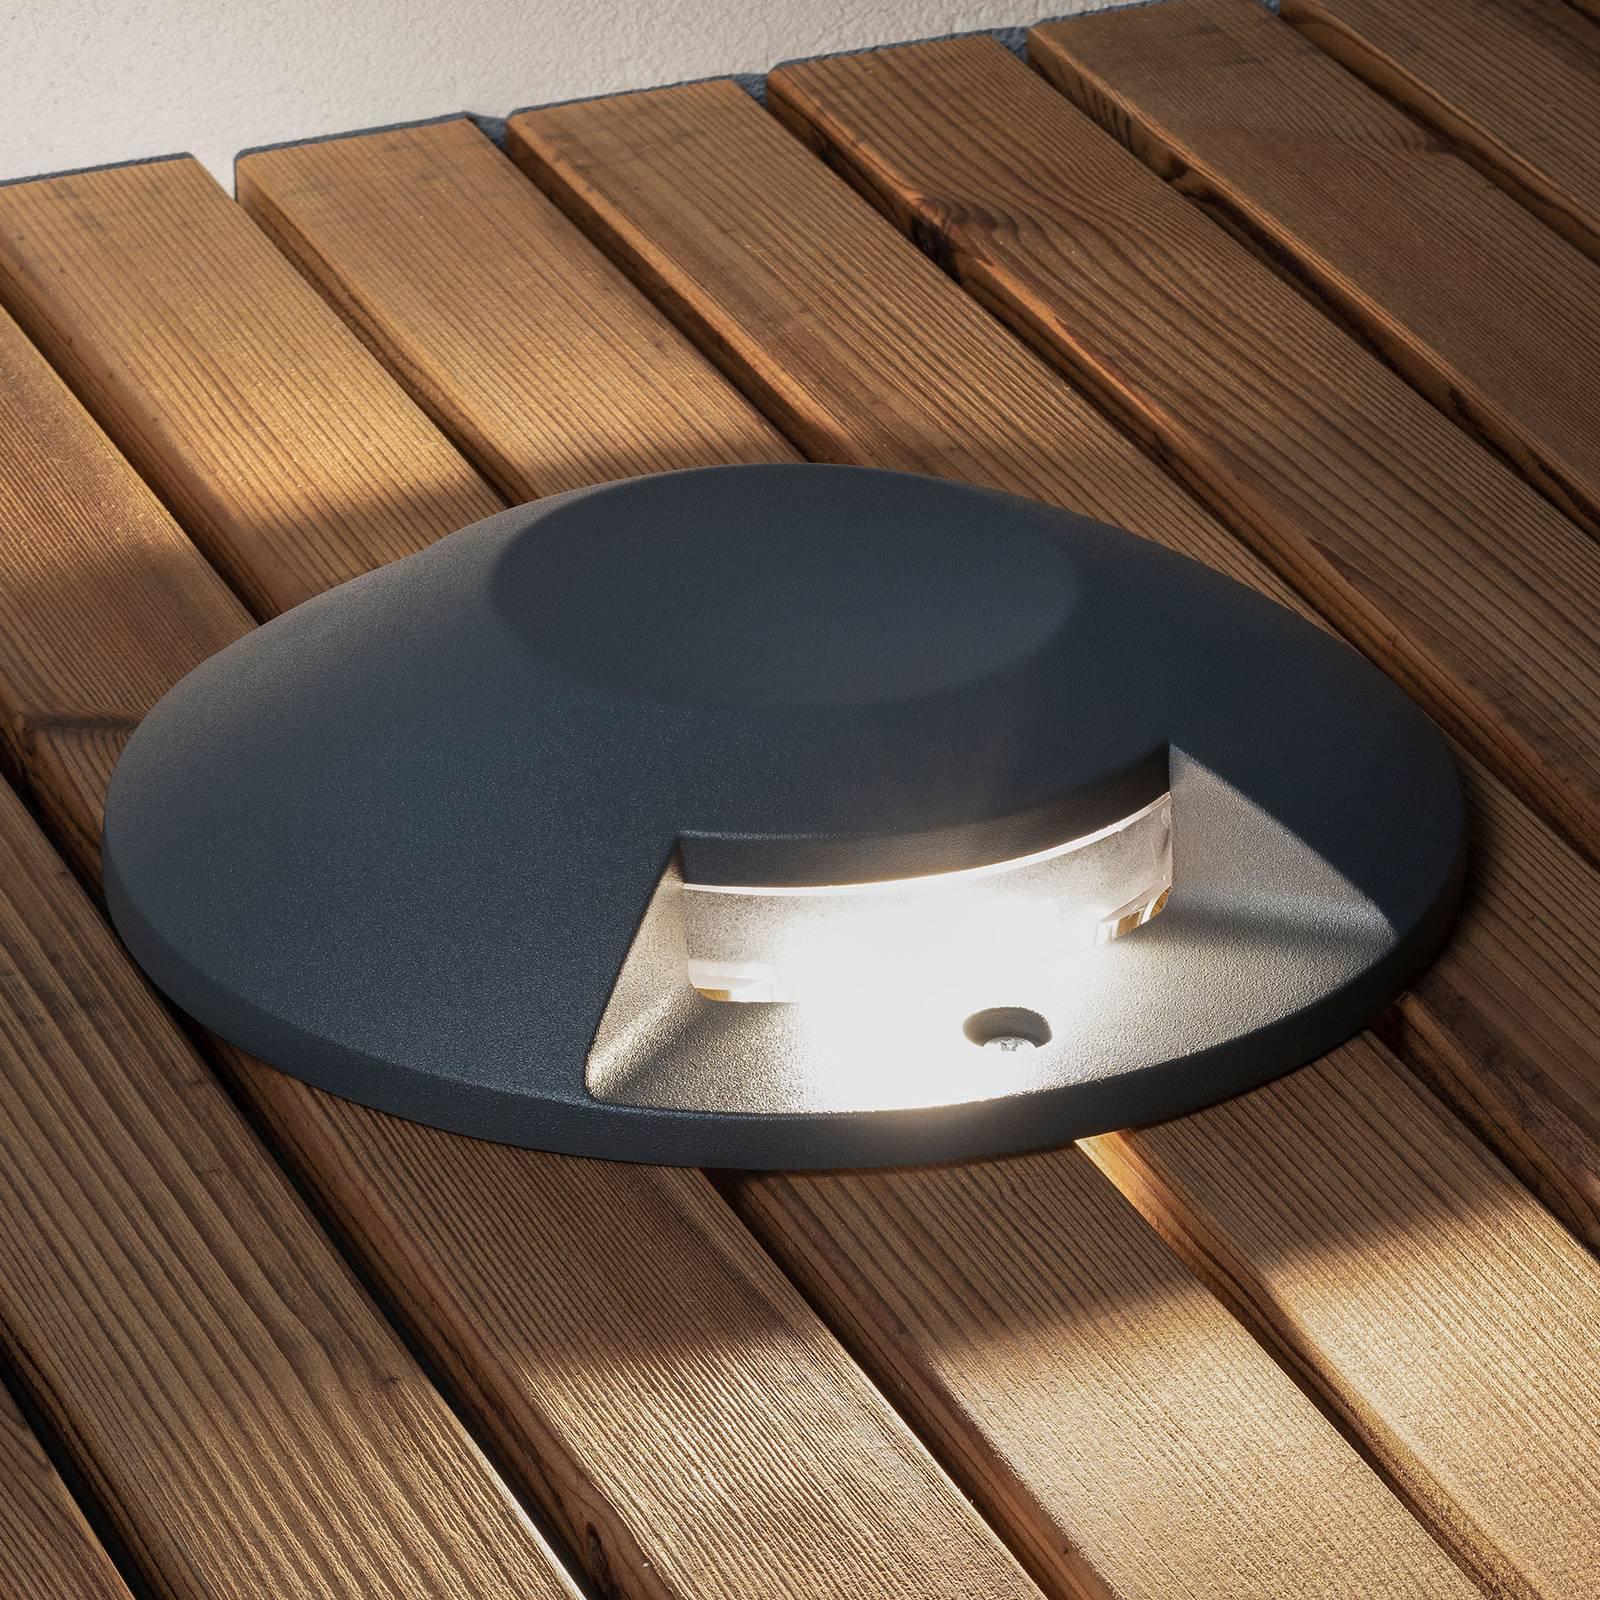 LED-bakkespot 7879-370, 2 lyskilder